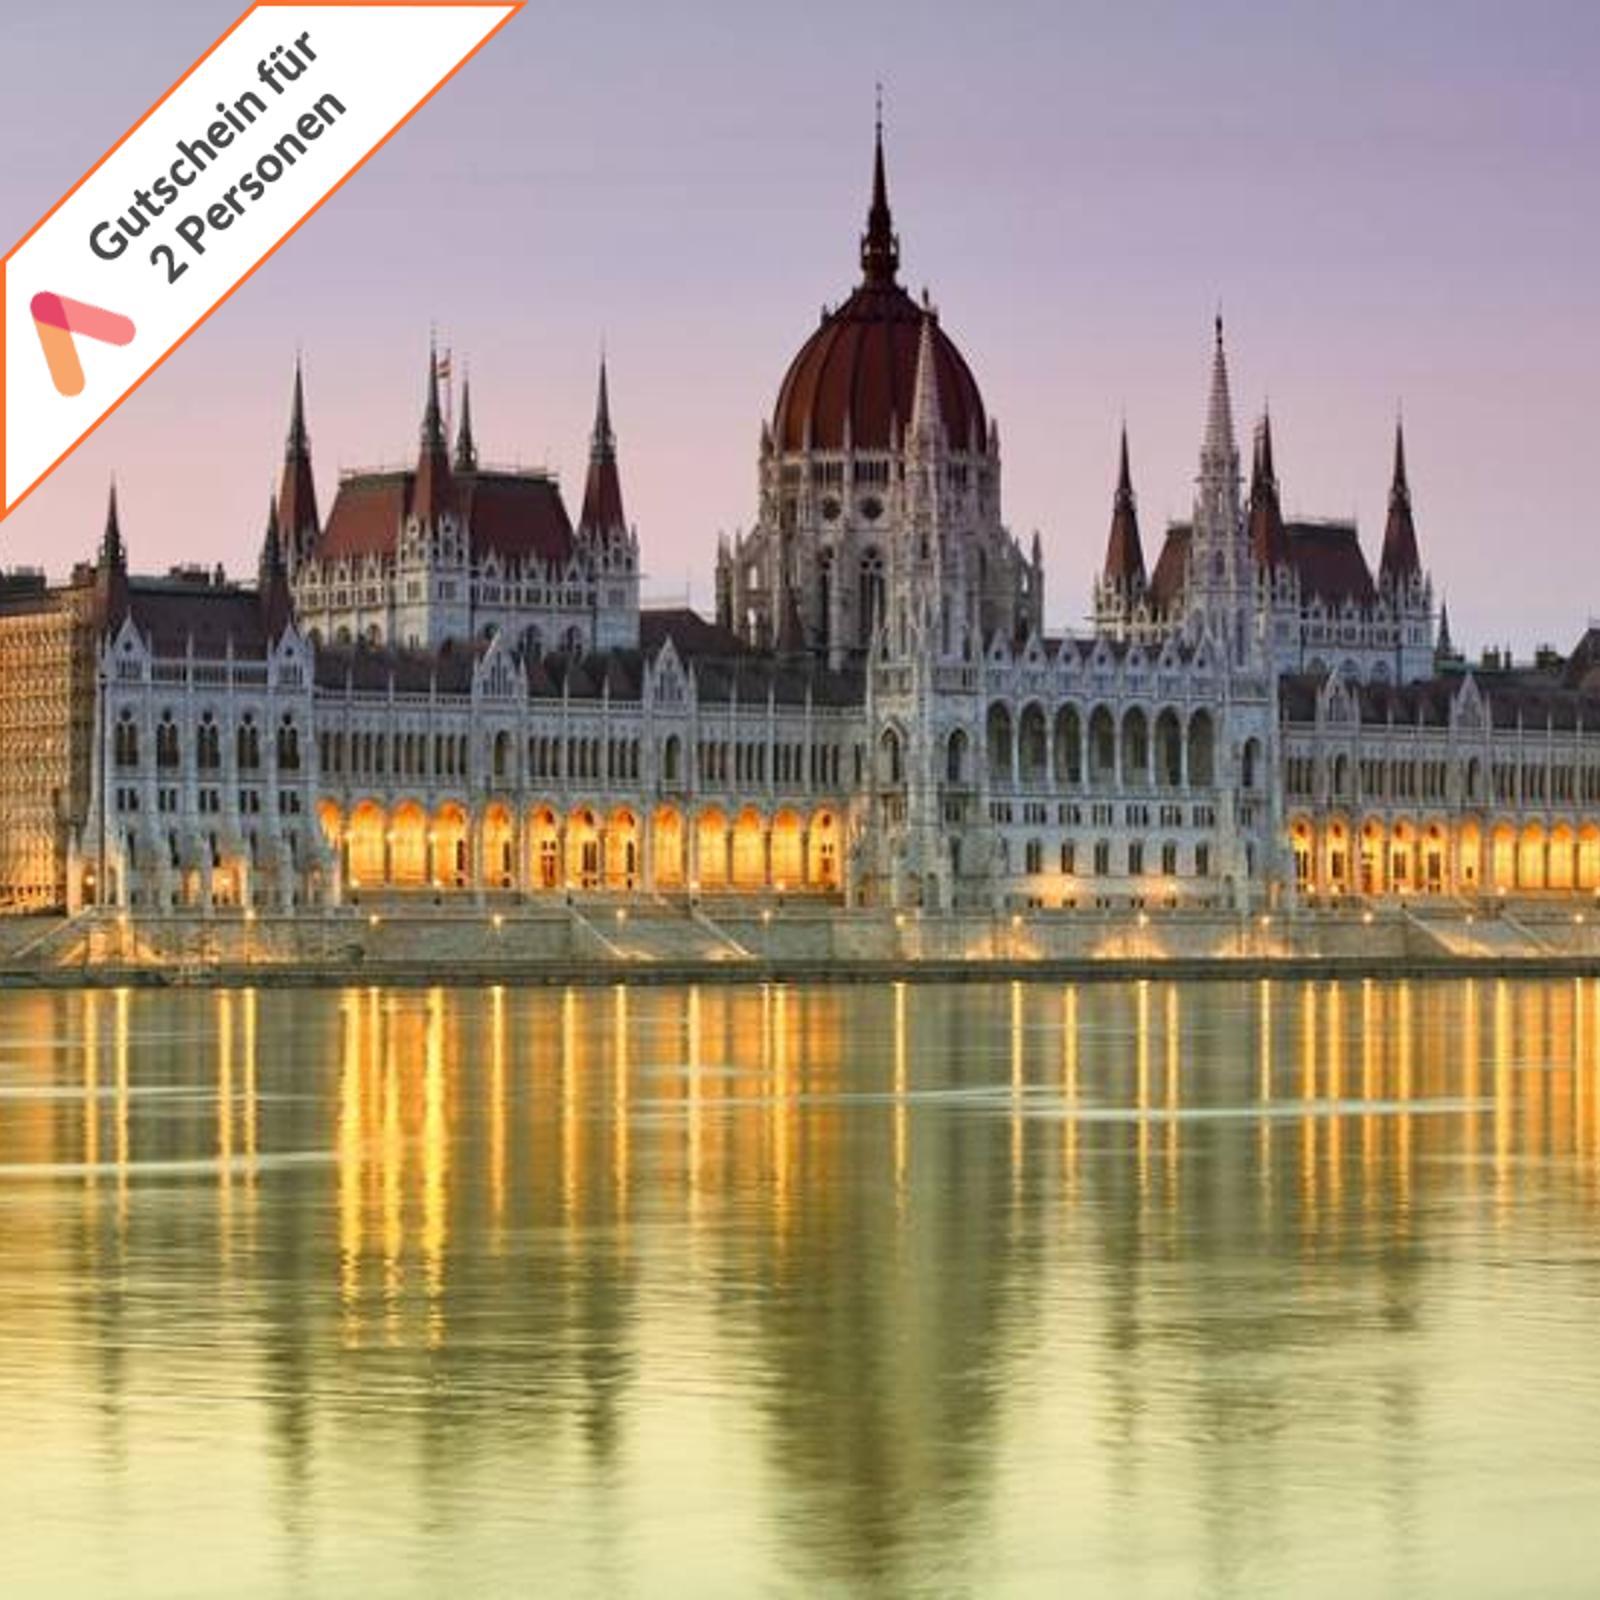 Städtereise Budapest Ungarn Hotel Park Inn Gutschein 2 Personen Dinner 4 Tage